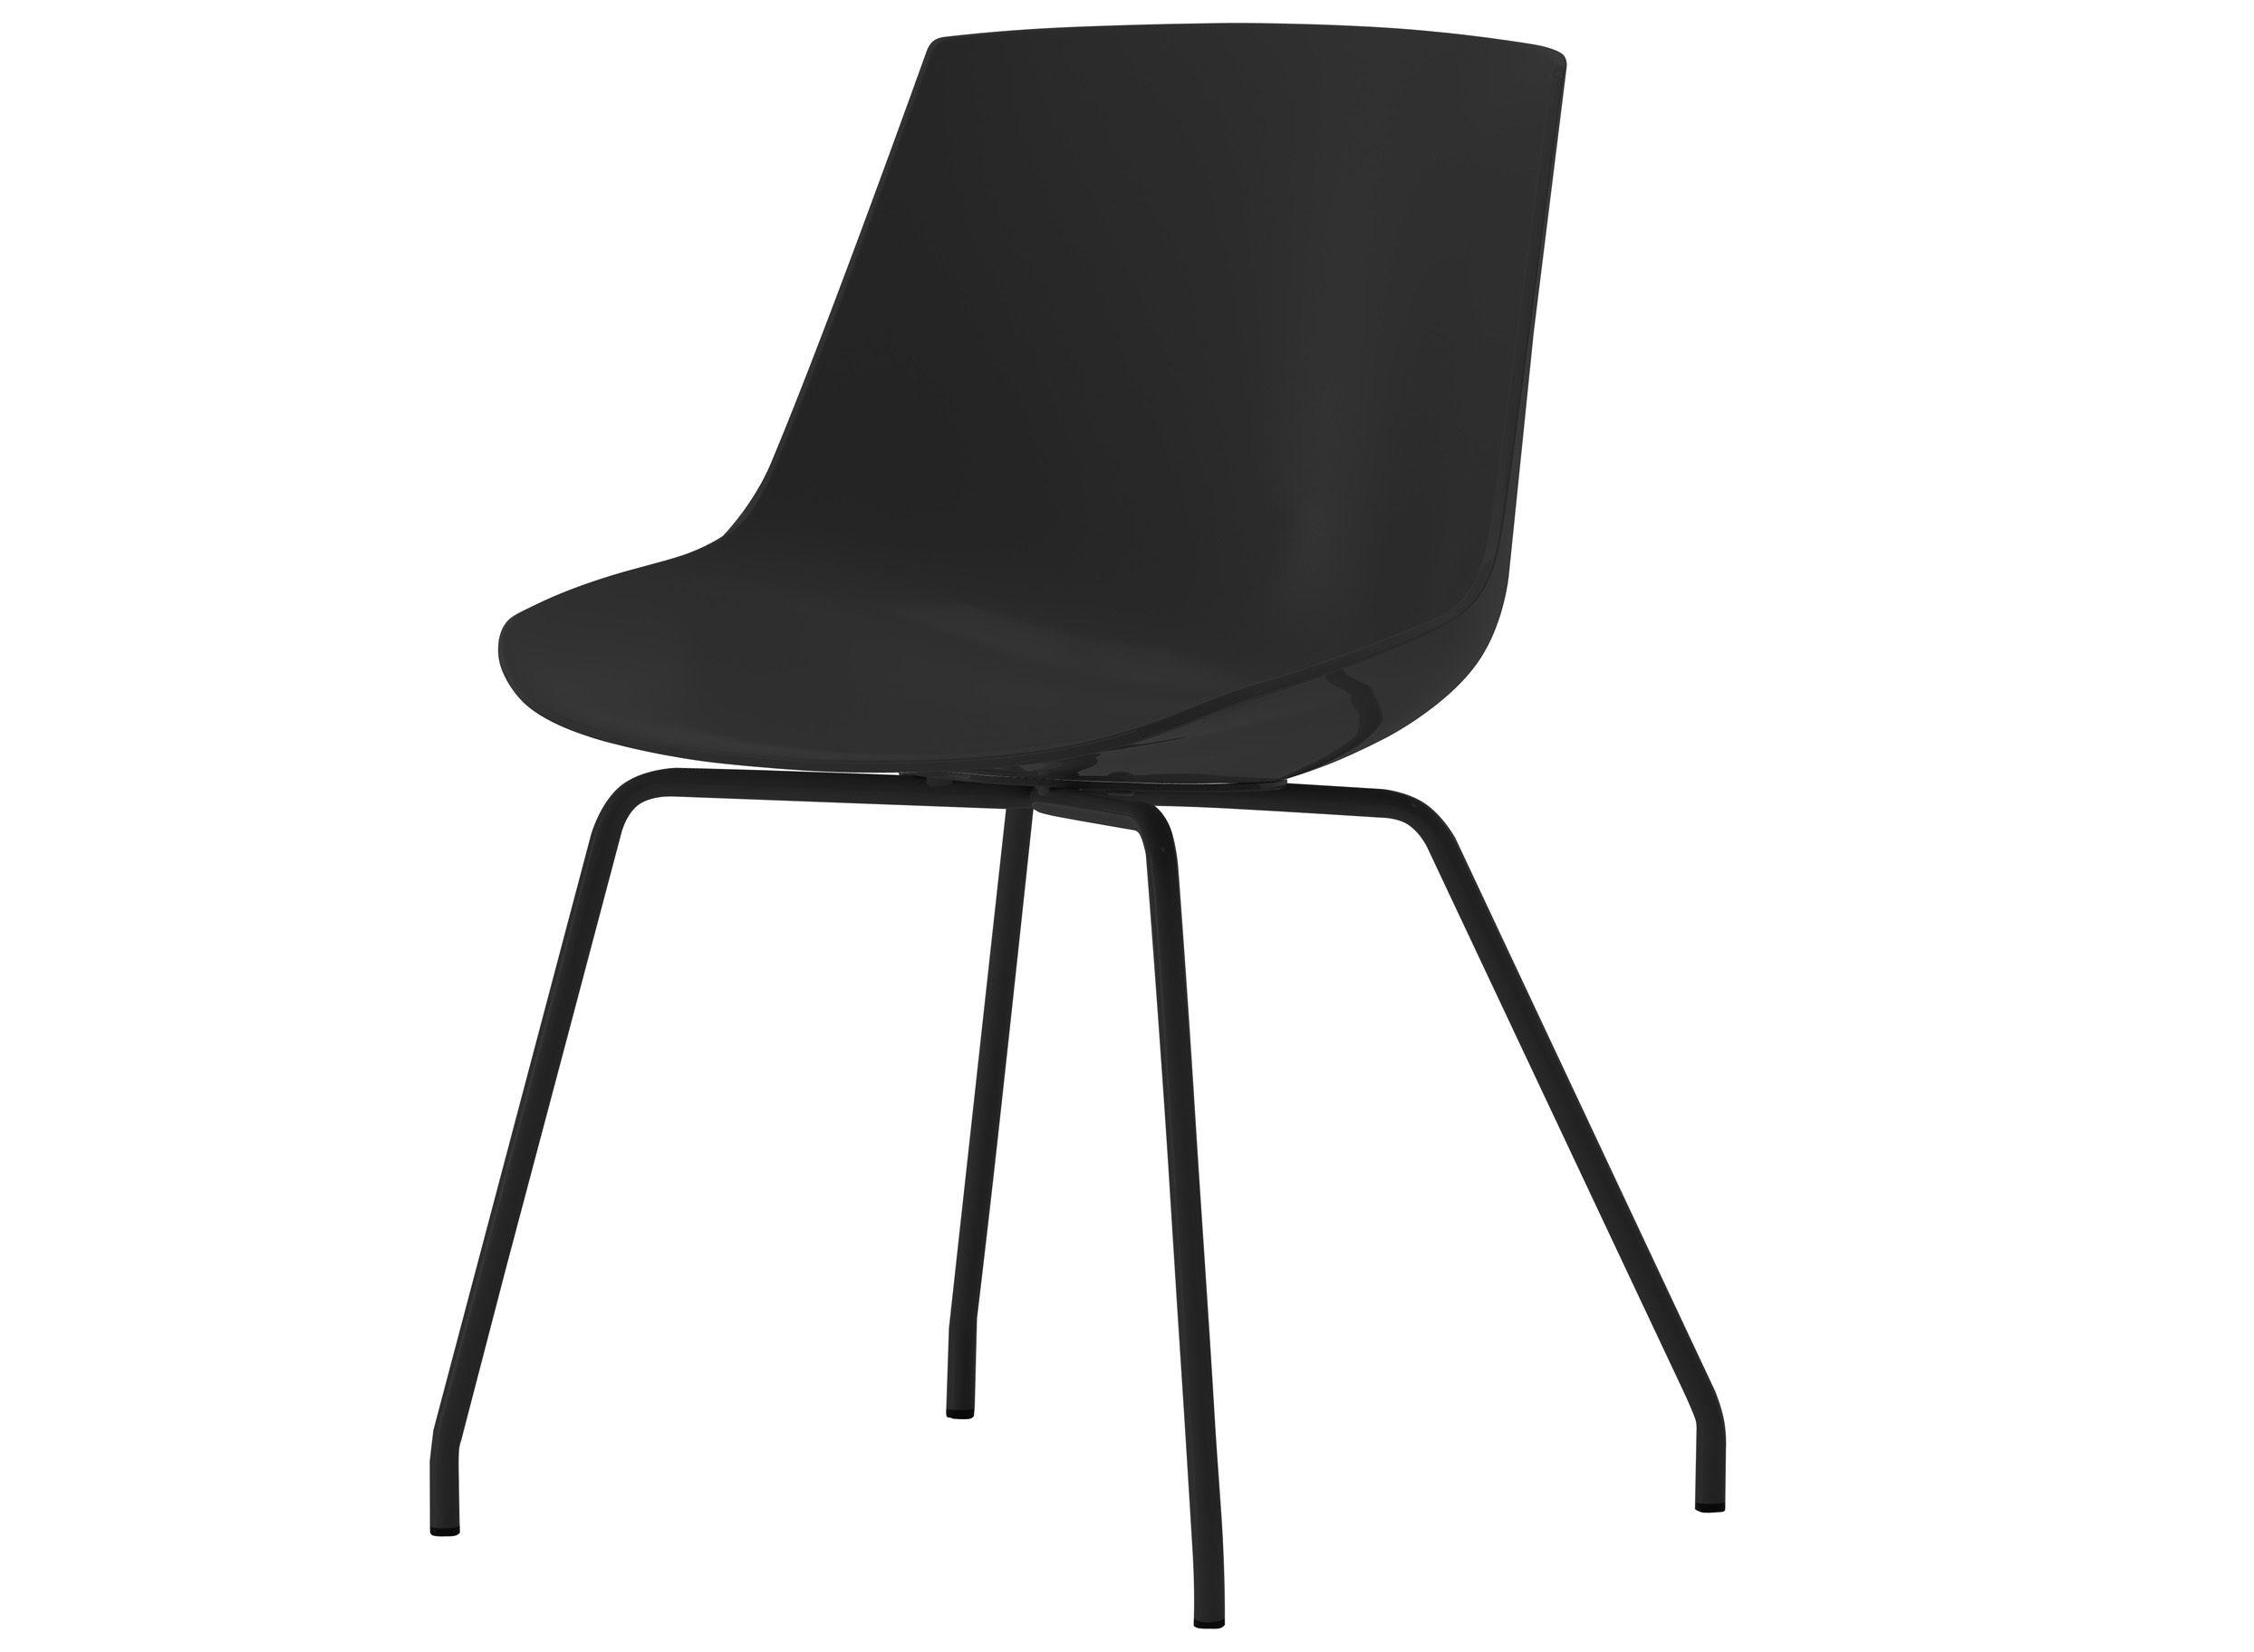 Chaise flow 4 pieds noir brillant pi tement noir mdf for 4 pieds 4 chaises rouen